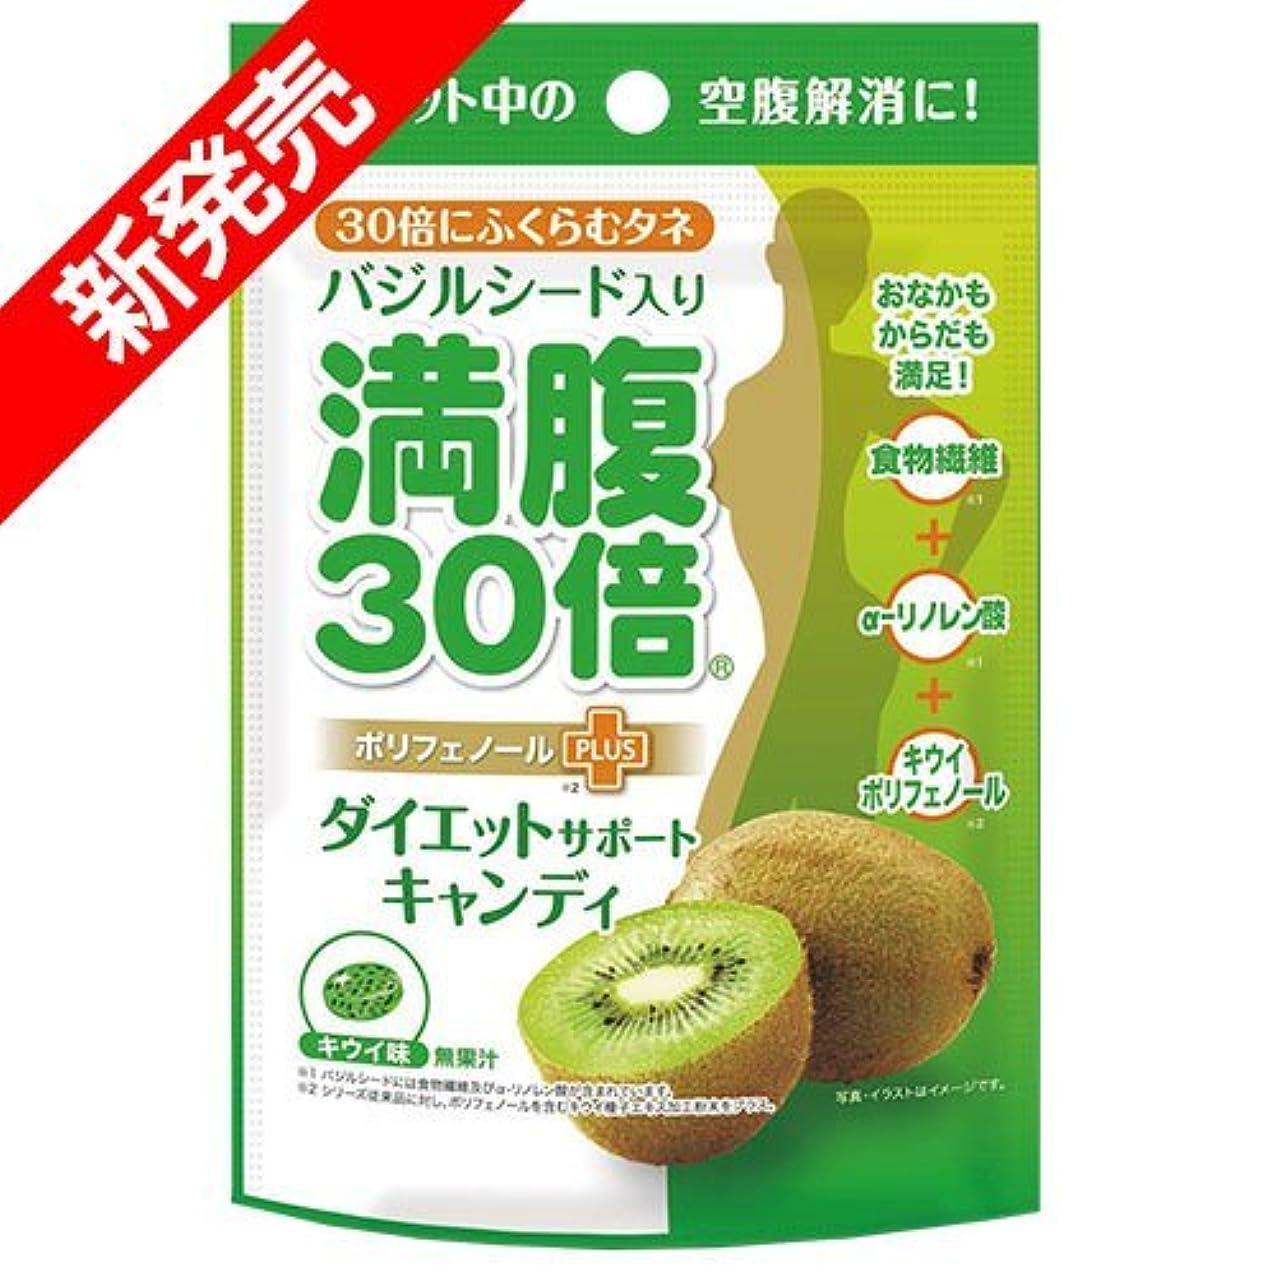 不適切な販売計画変換する満腹30倍 ダイエットサポートキャンディ キウイ